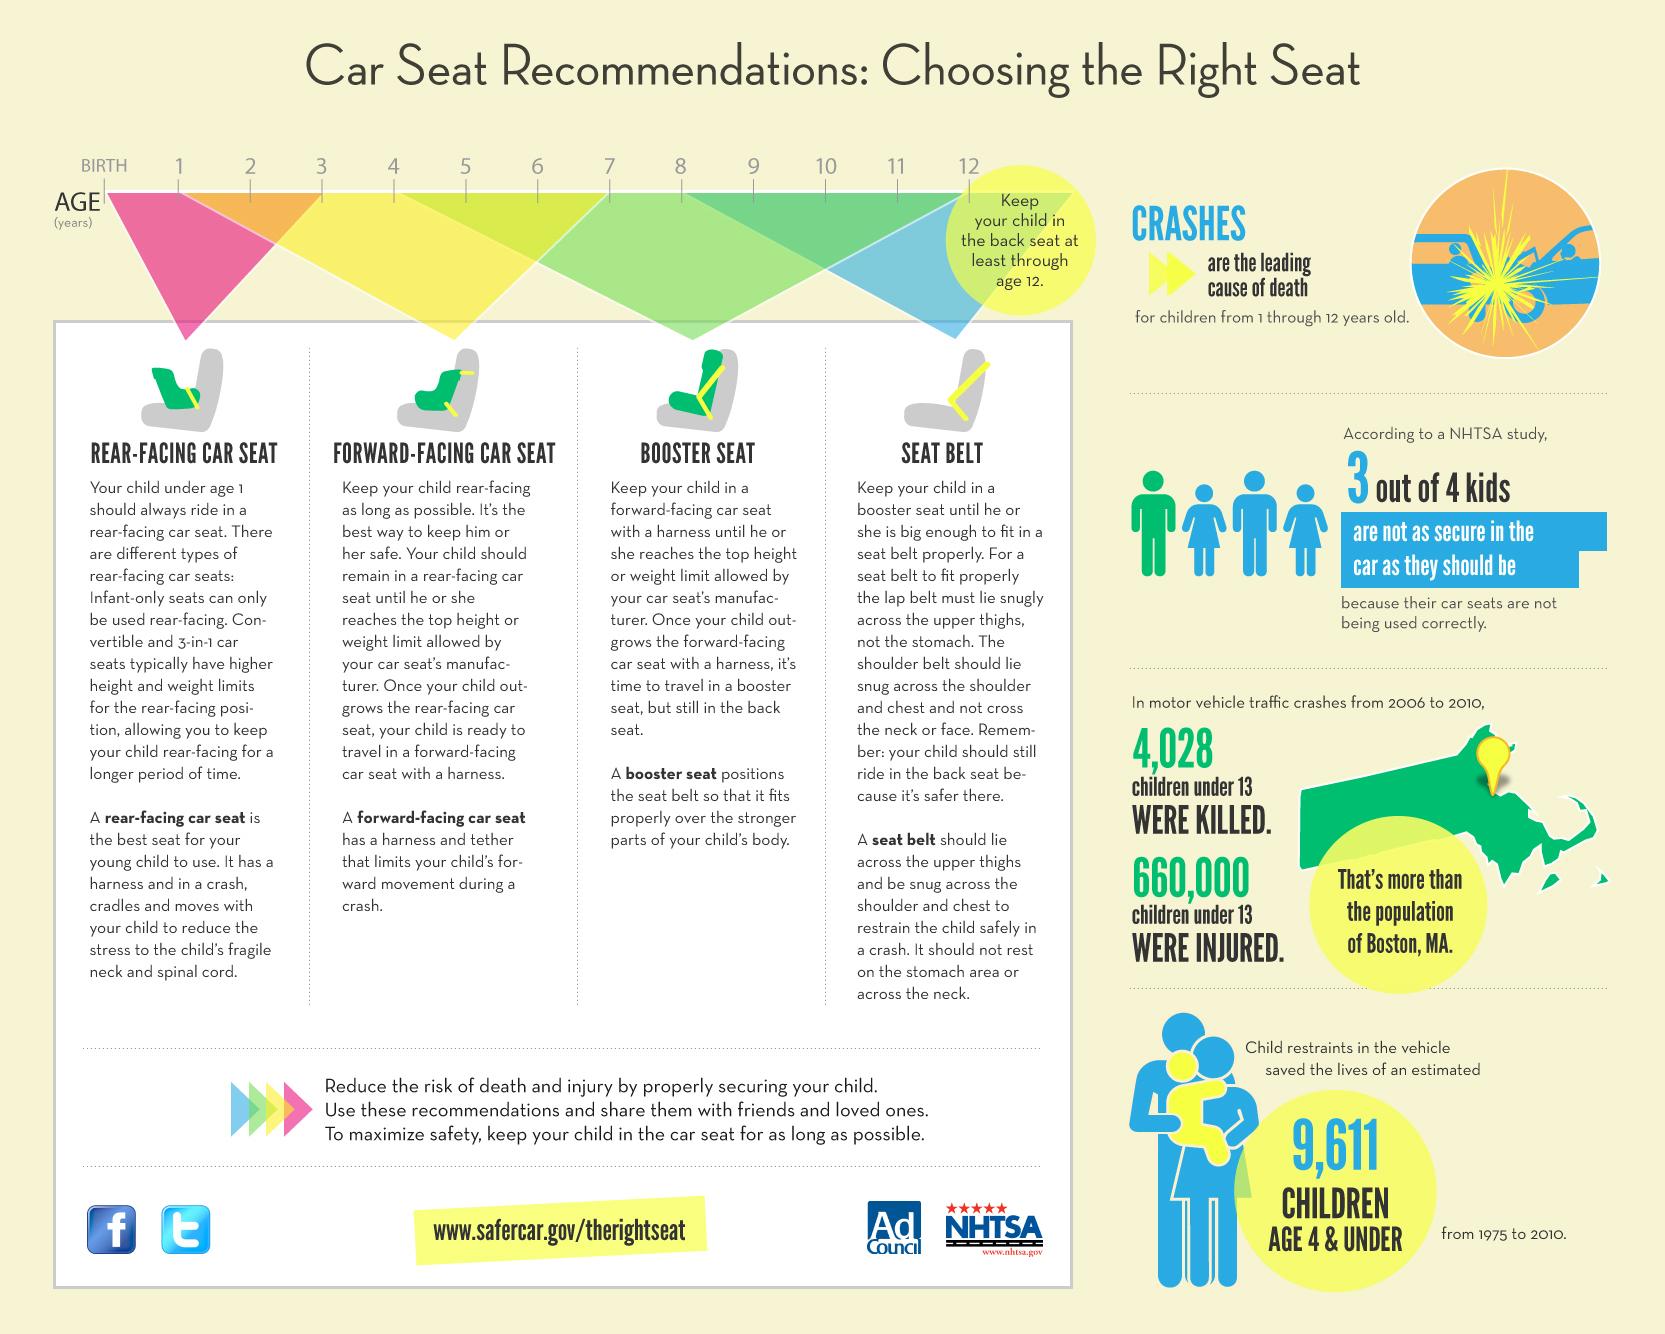 buckle up child seat safety nj family april 2012. Black Bedroom Furniture Sets. Home Design Ideas